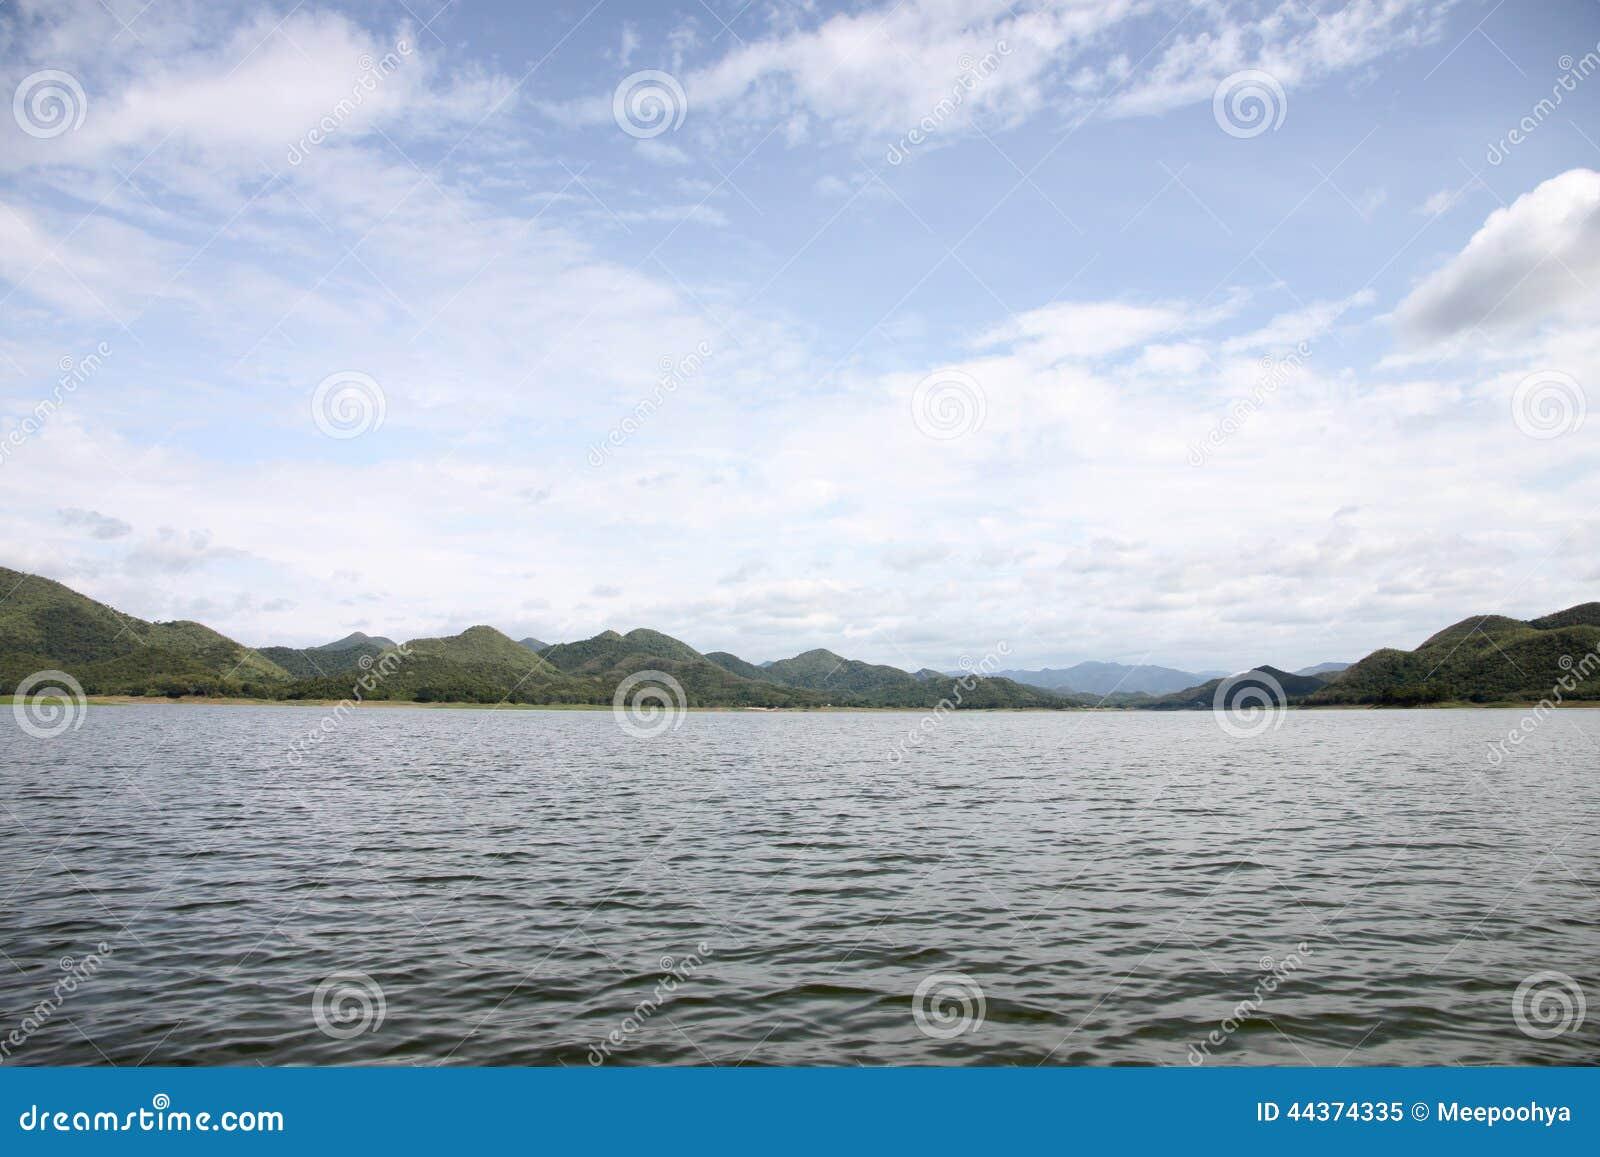 Viste del lago in Tailandia